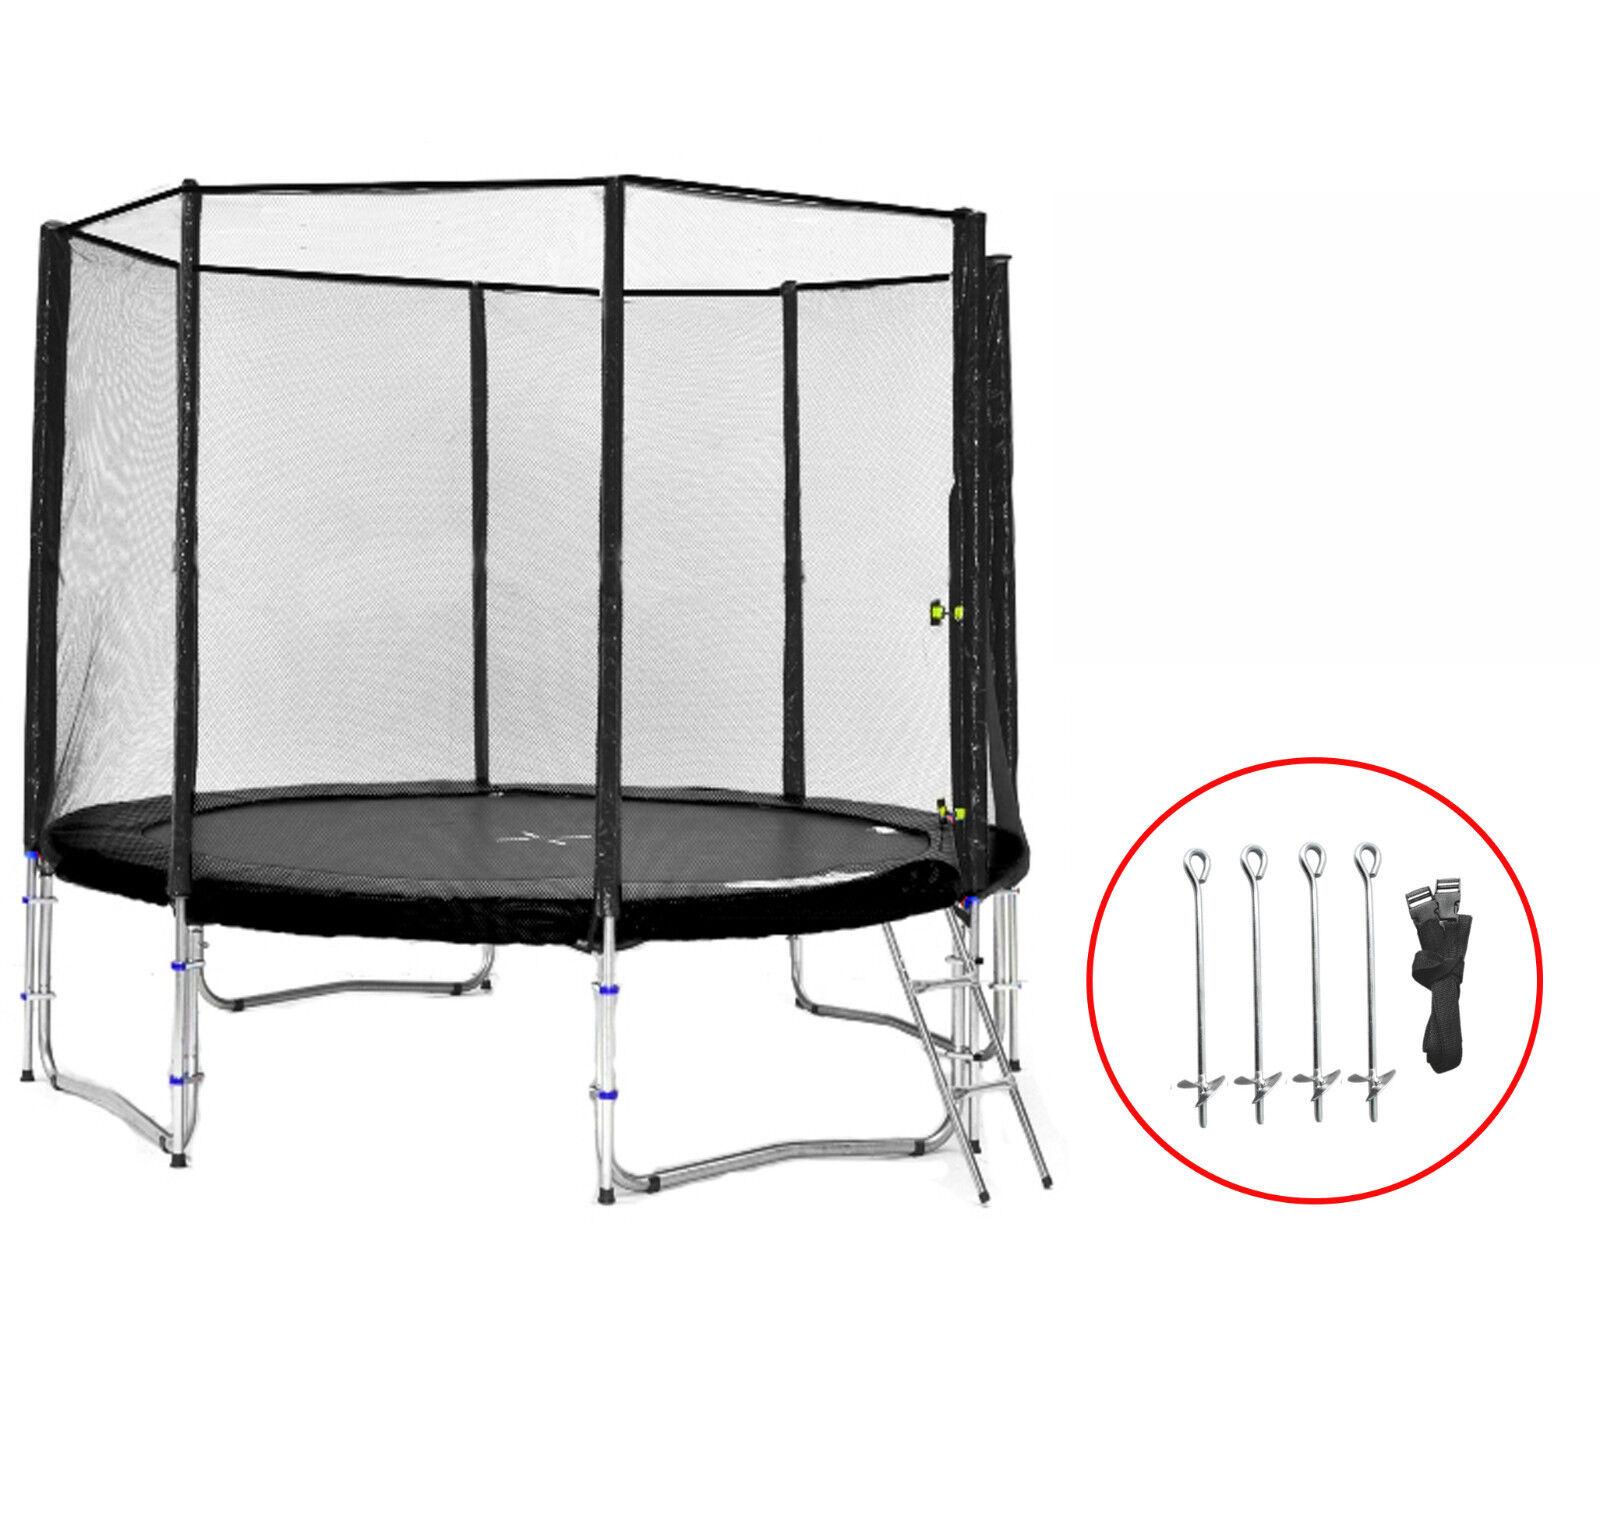 SB-305-SA Simple Jump Garten-Trampolin Netz,Leiter,Anker und Wetterplane,180kg